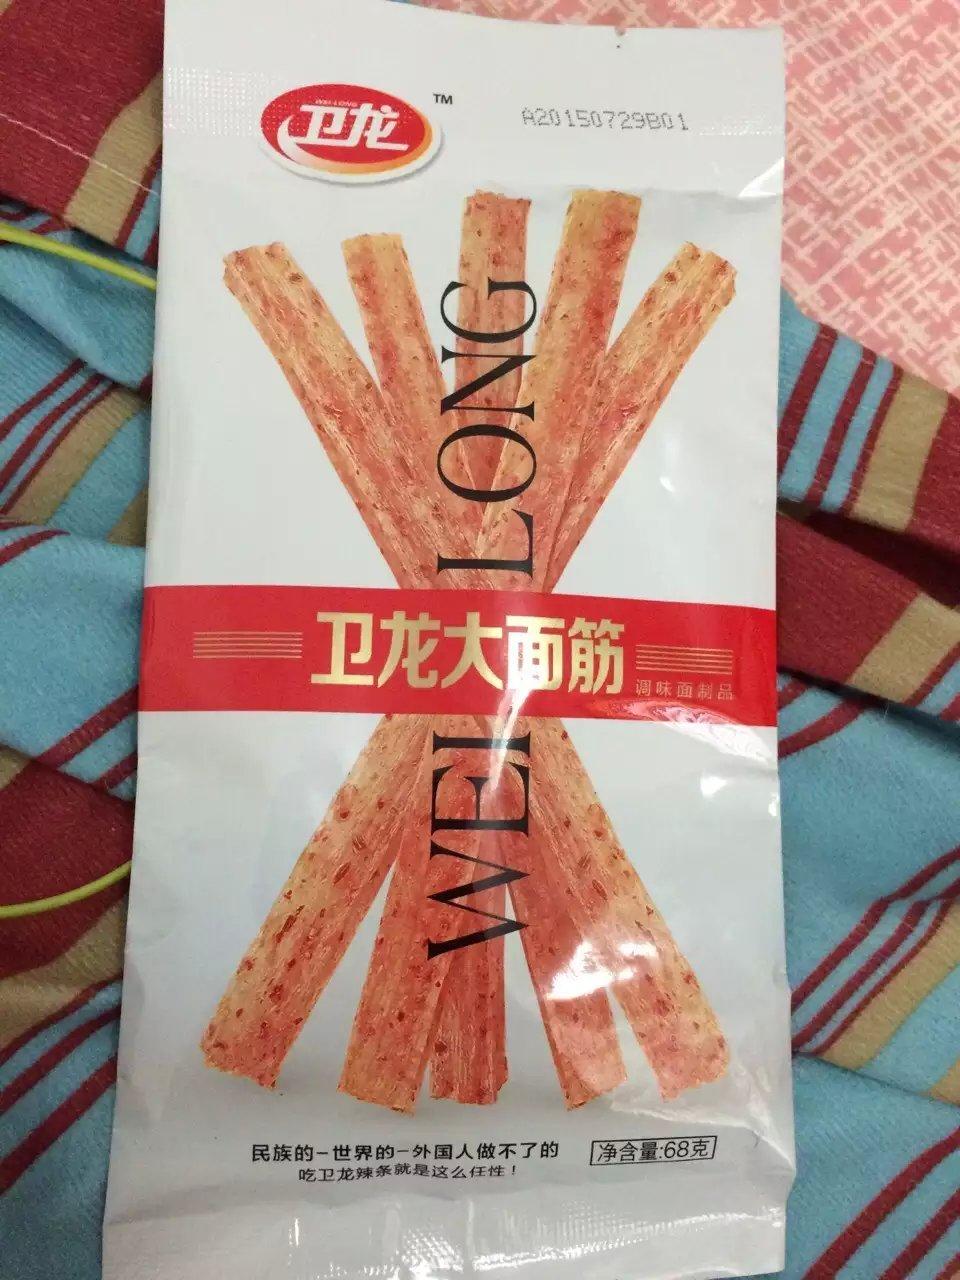 民族的,世界的!这是我国最骄傲的出口食品吗?